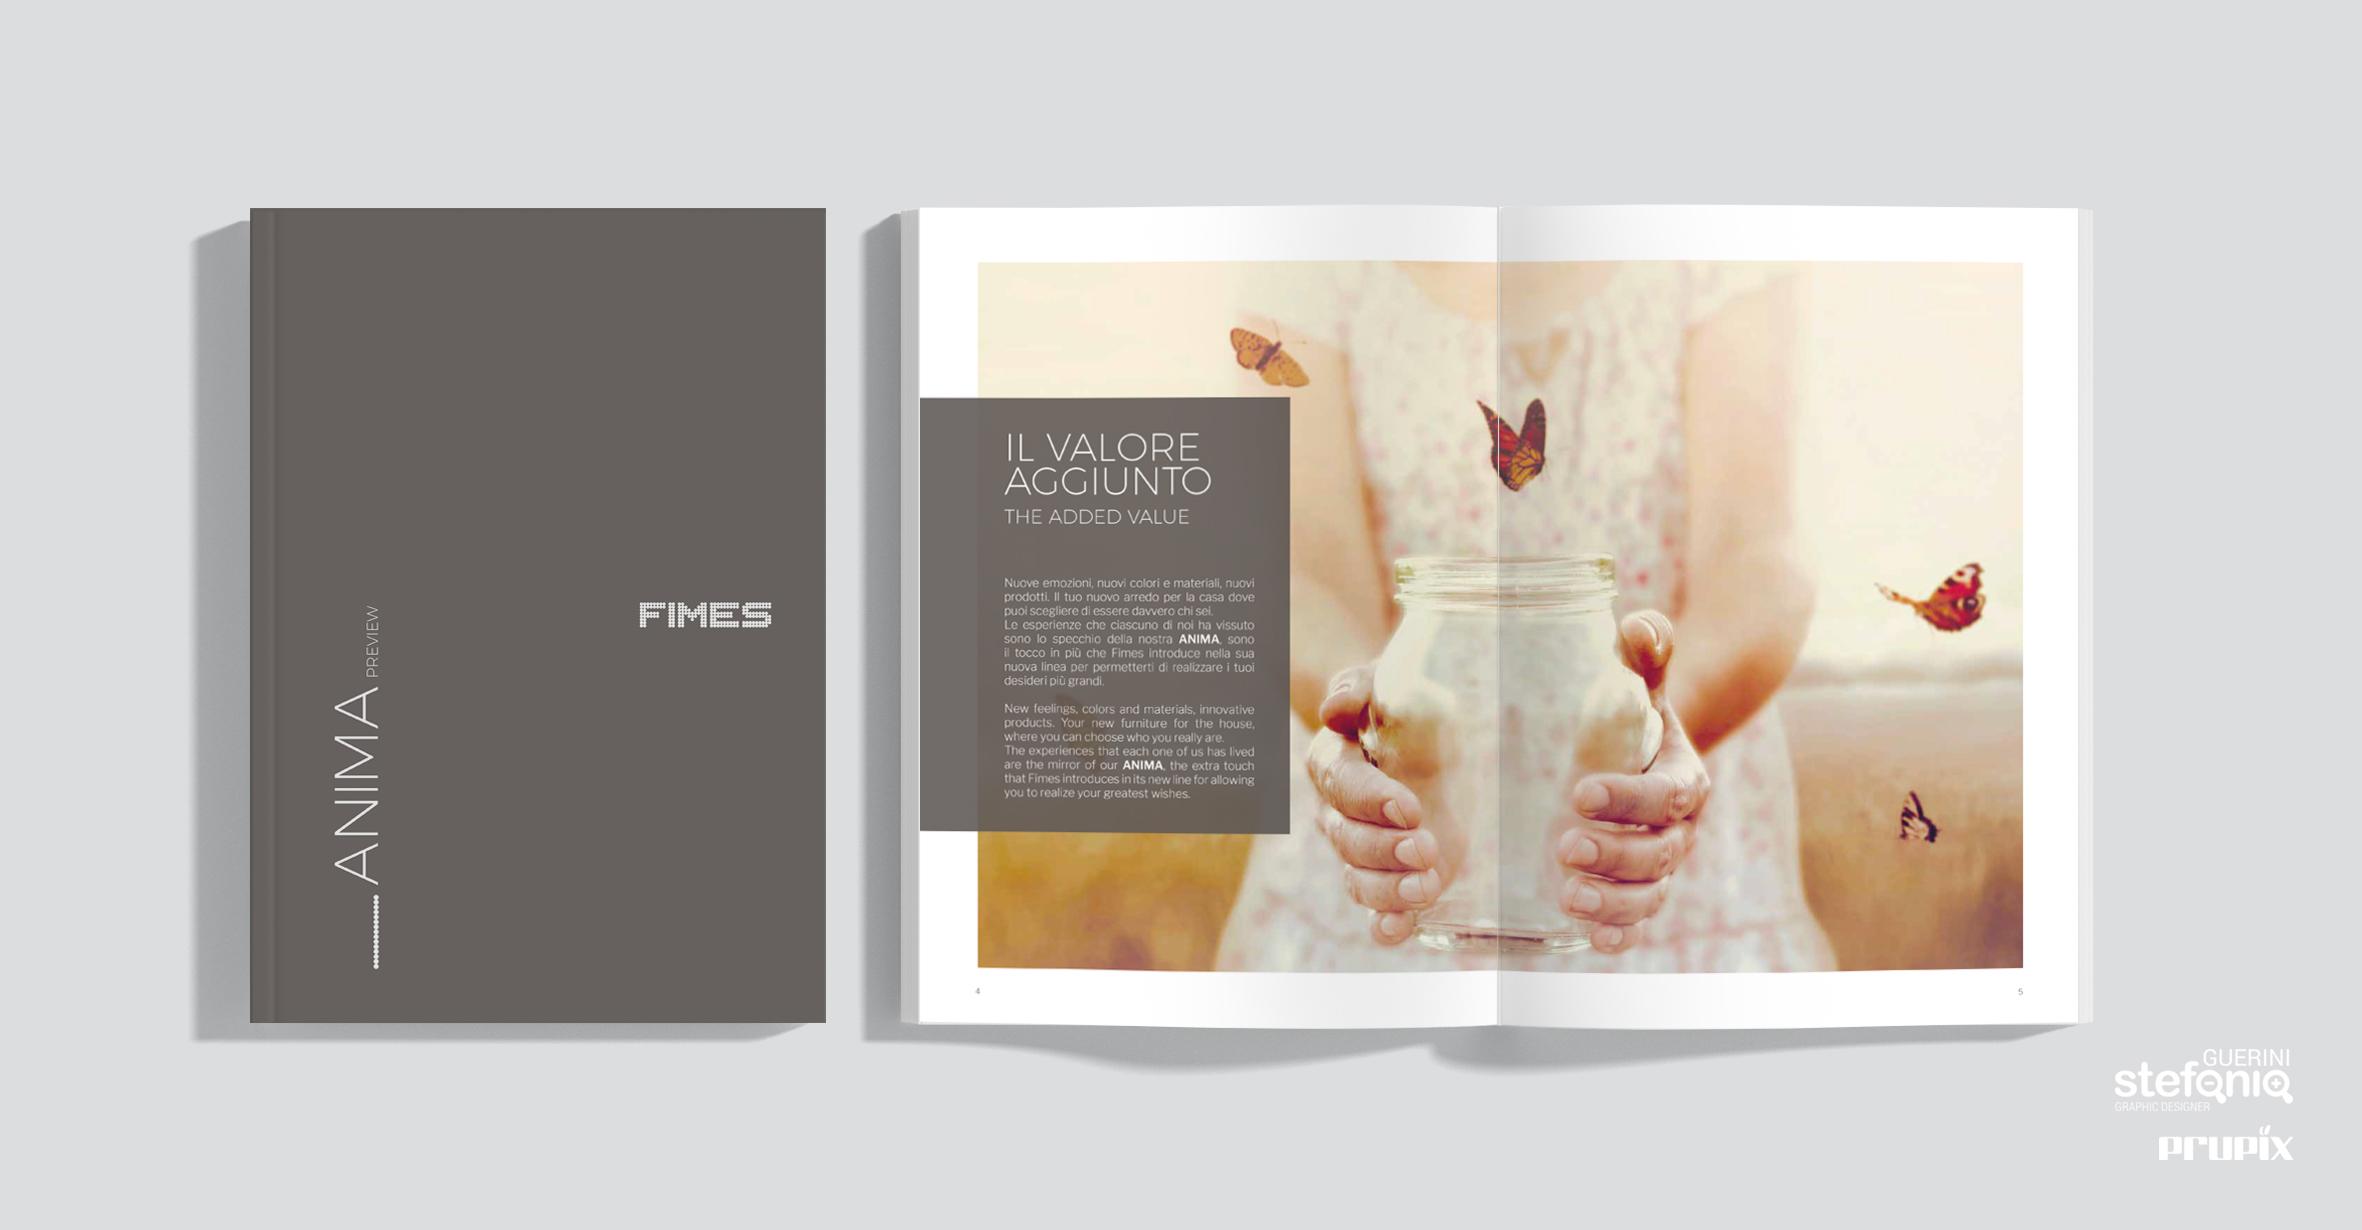 Fimes progettazione grafica catalogo prodotti